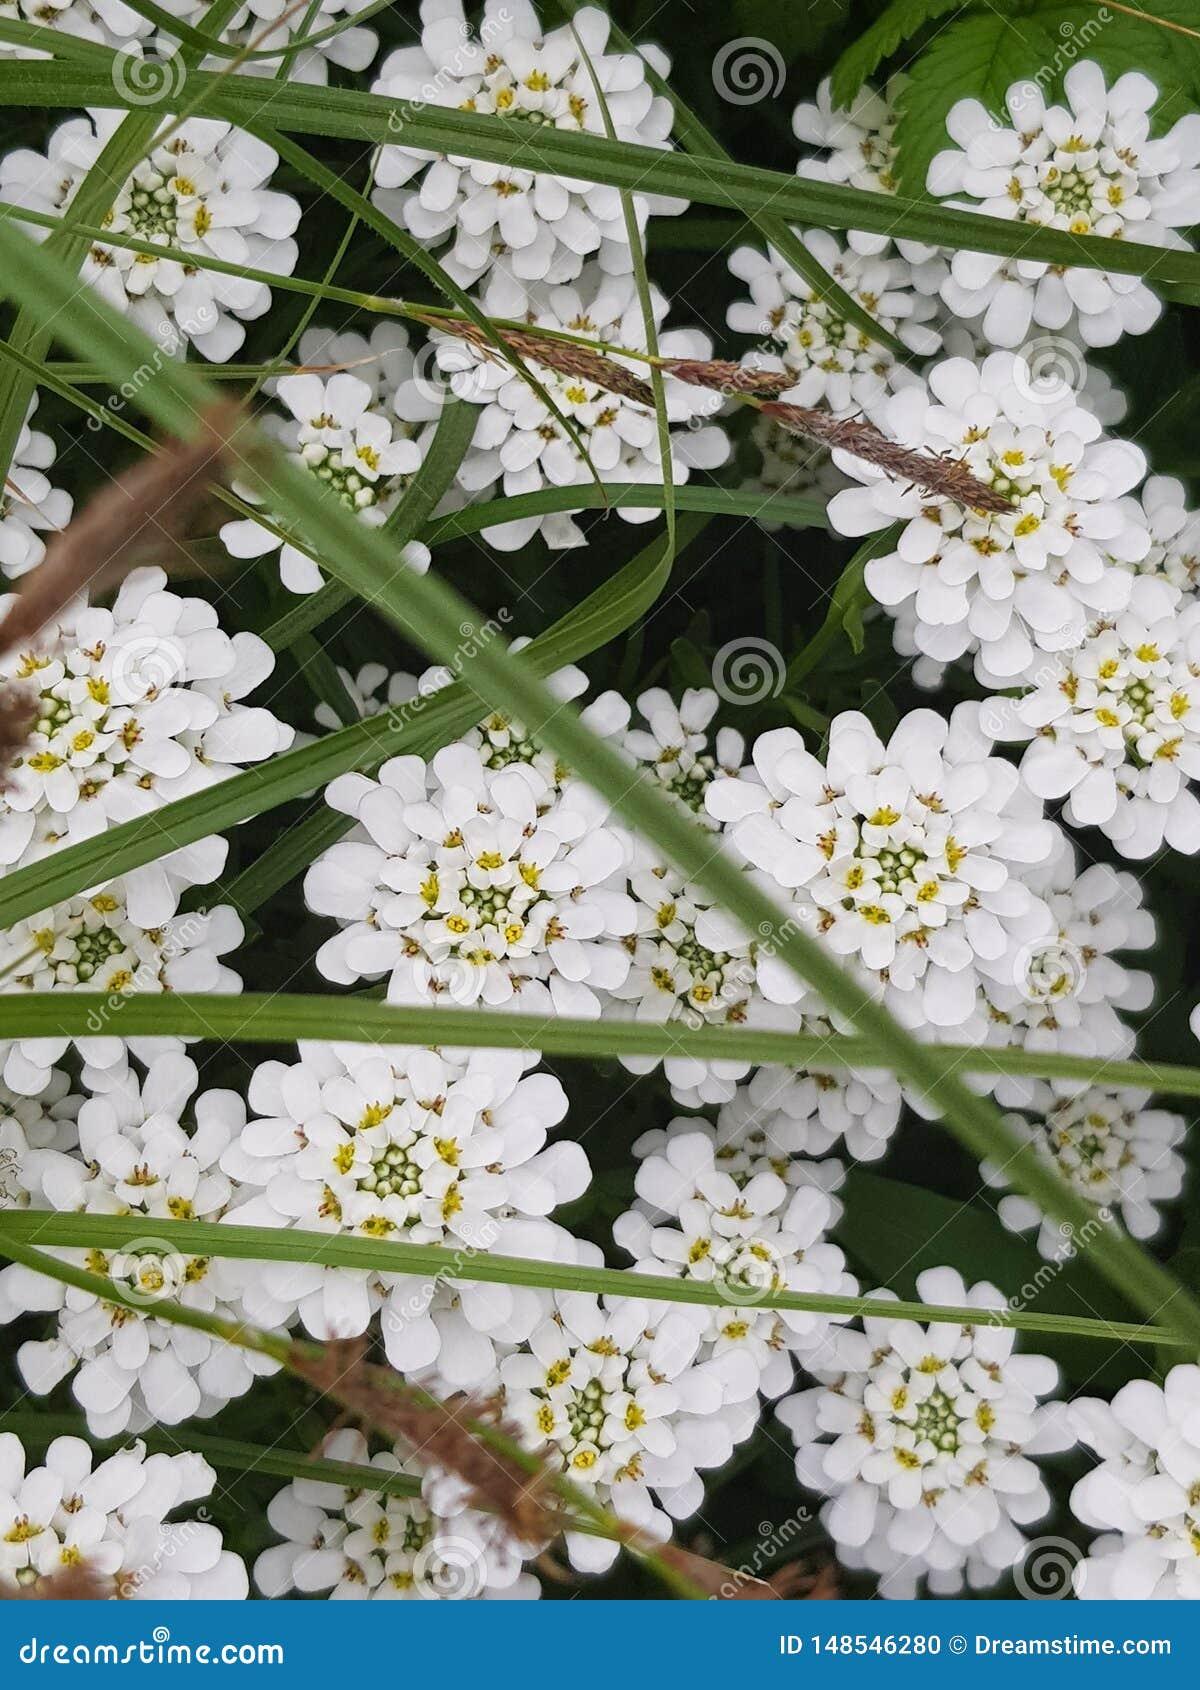 Fotos da beleza incomum, que capturaram as flores bonitas brancas